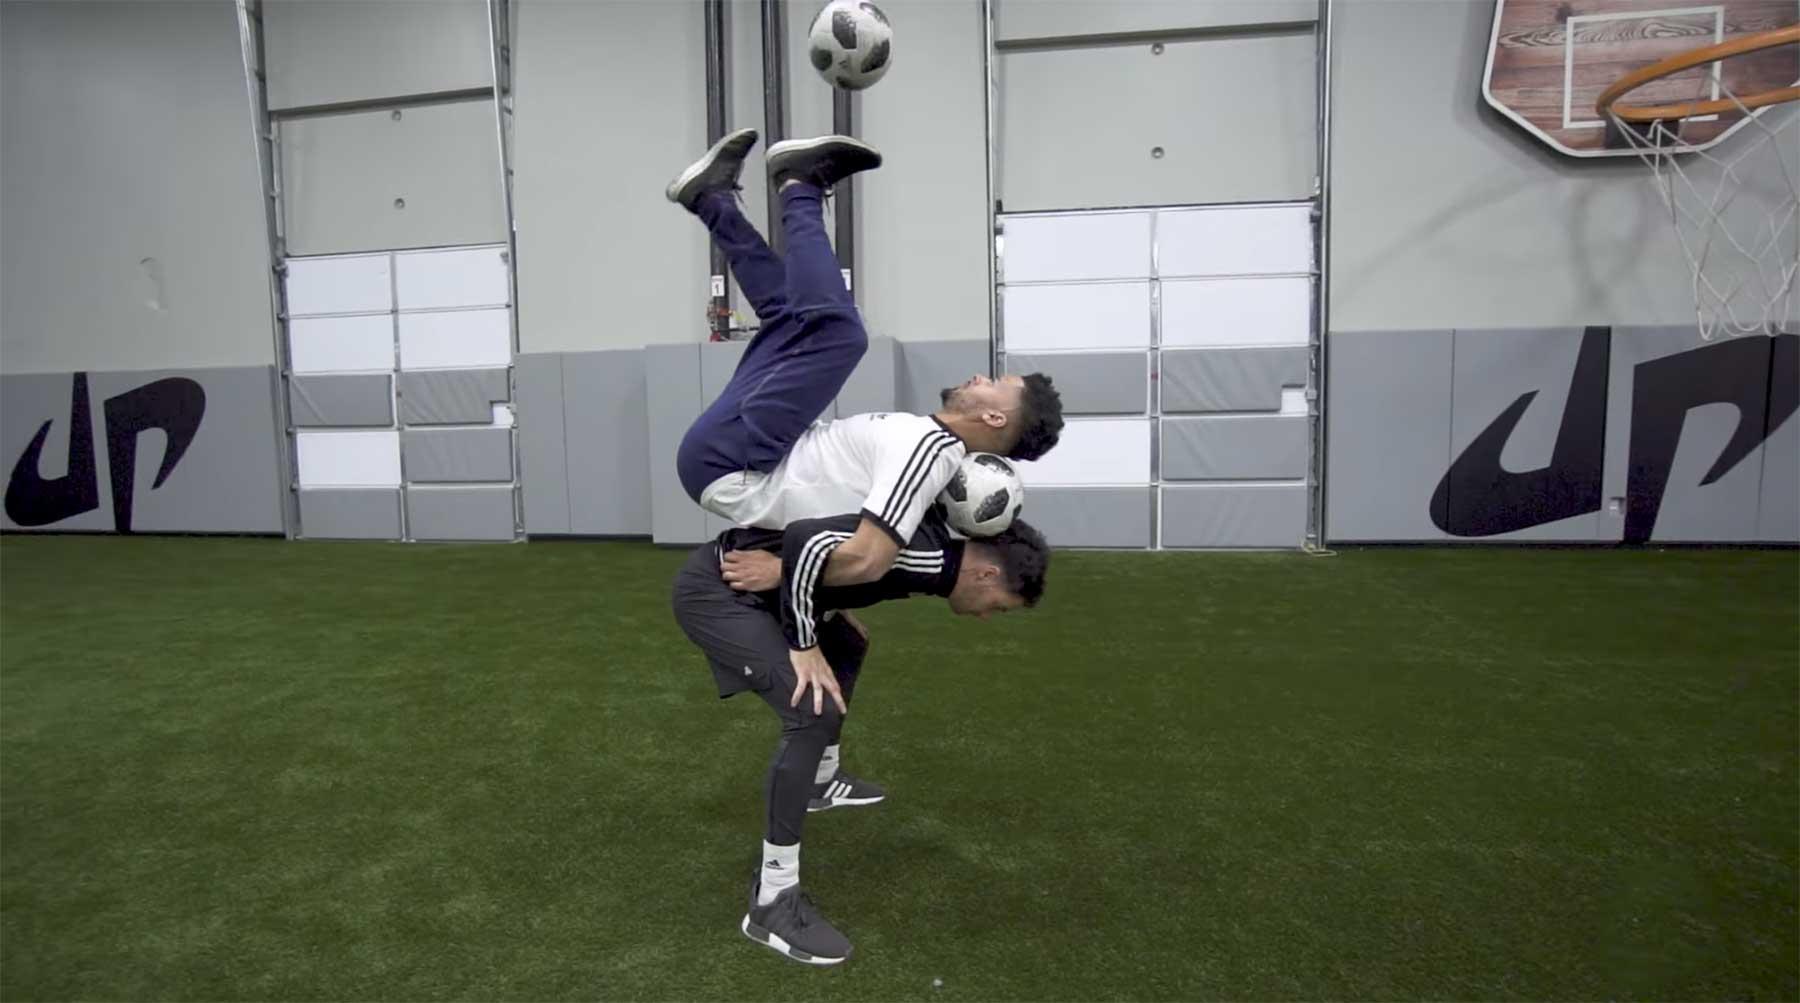 Fußball- und Football-Trickshots von Dude Perfect